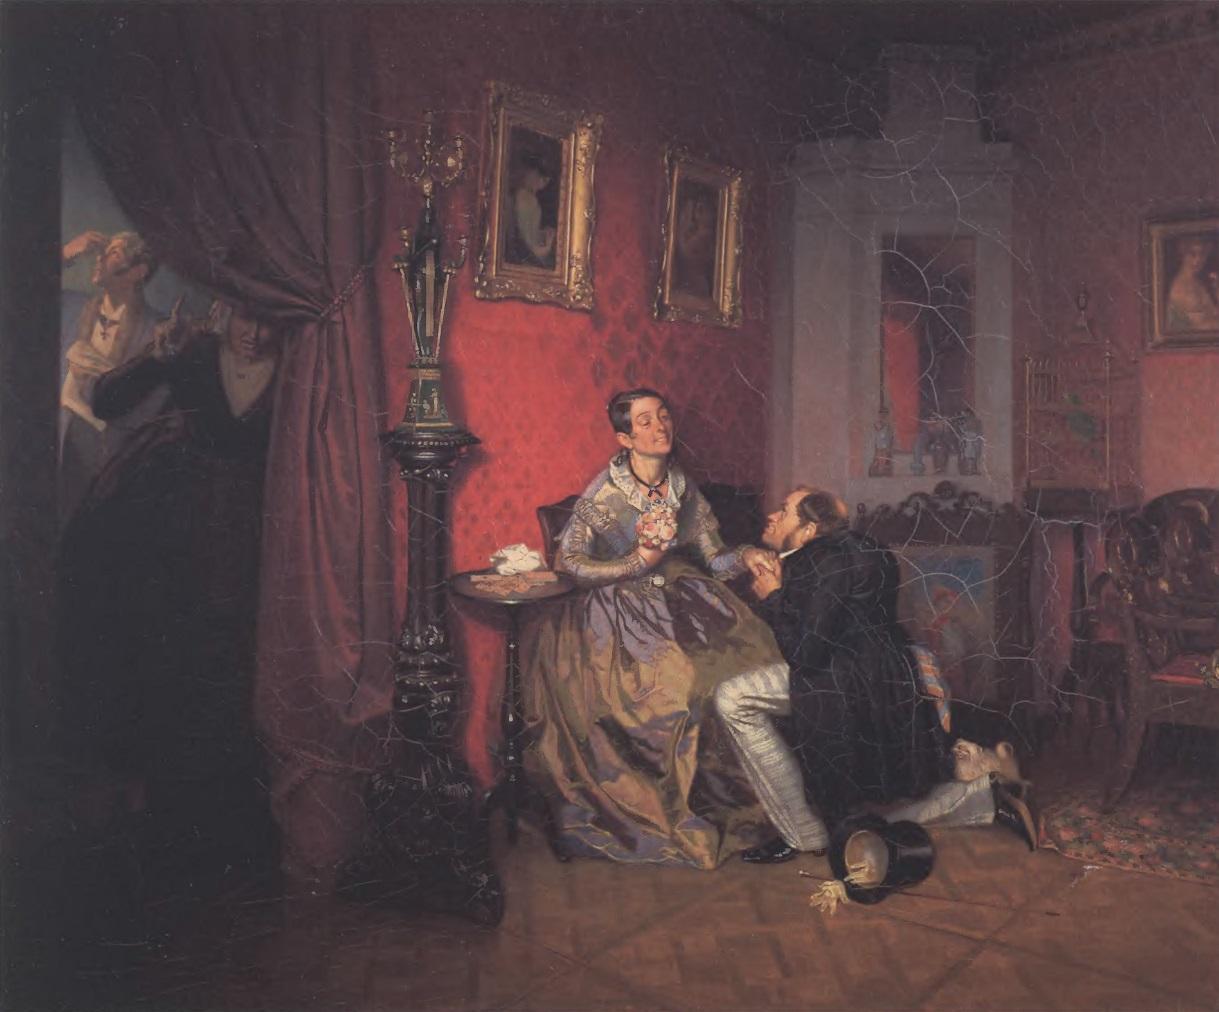 ПАВЕЛ ФЕДОТОВ. Разборчивая невеста. 1847. Холст, масло. 37 х 45 см. Государственная Третьяковская галерея